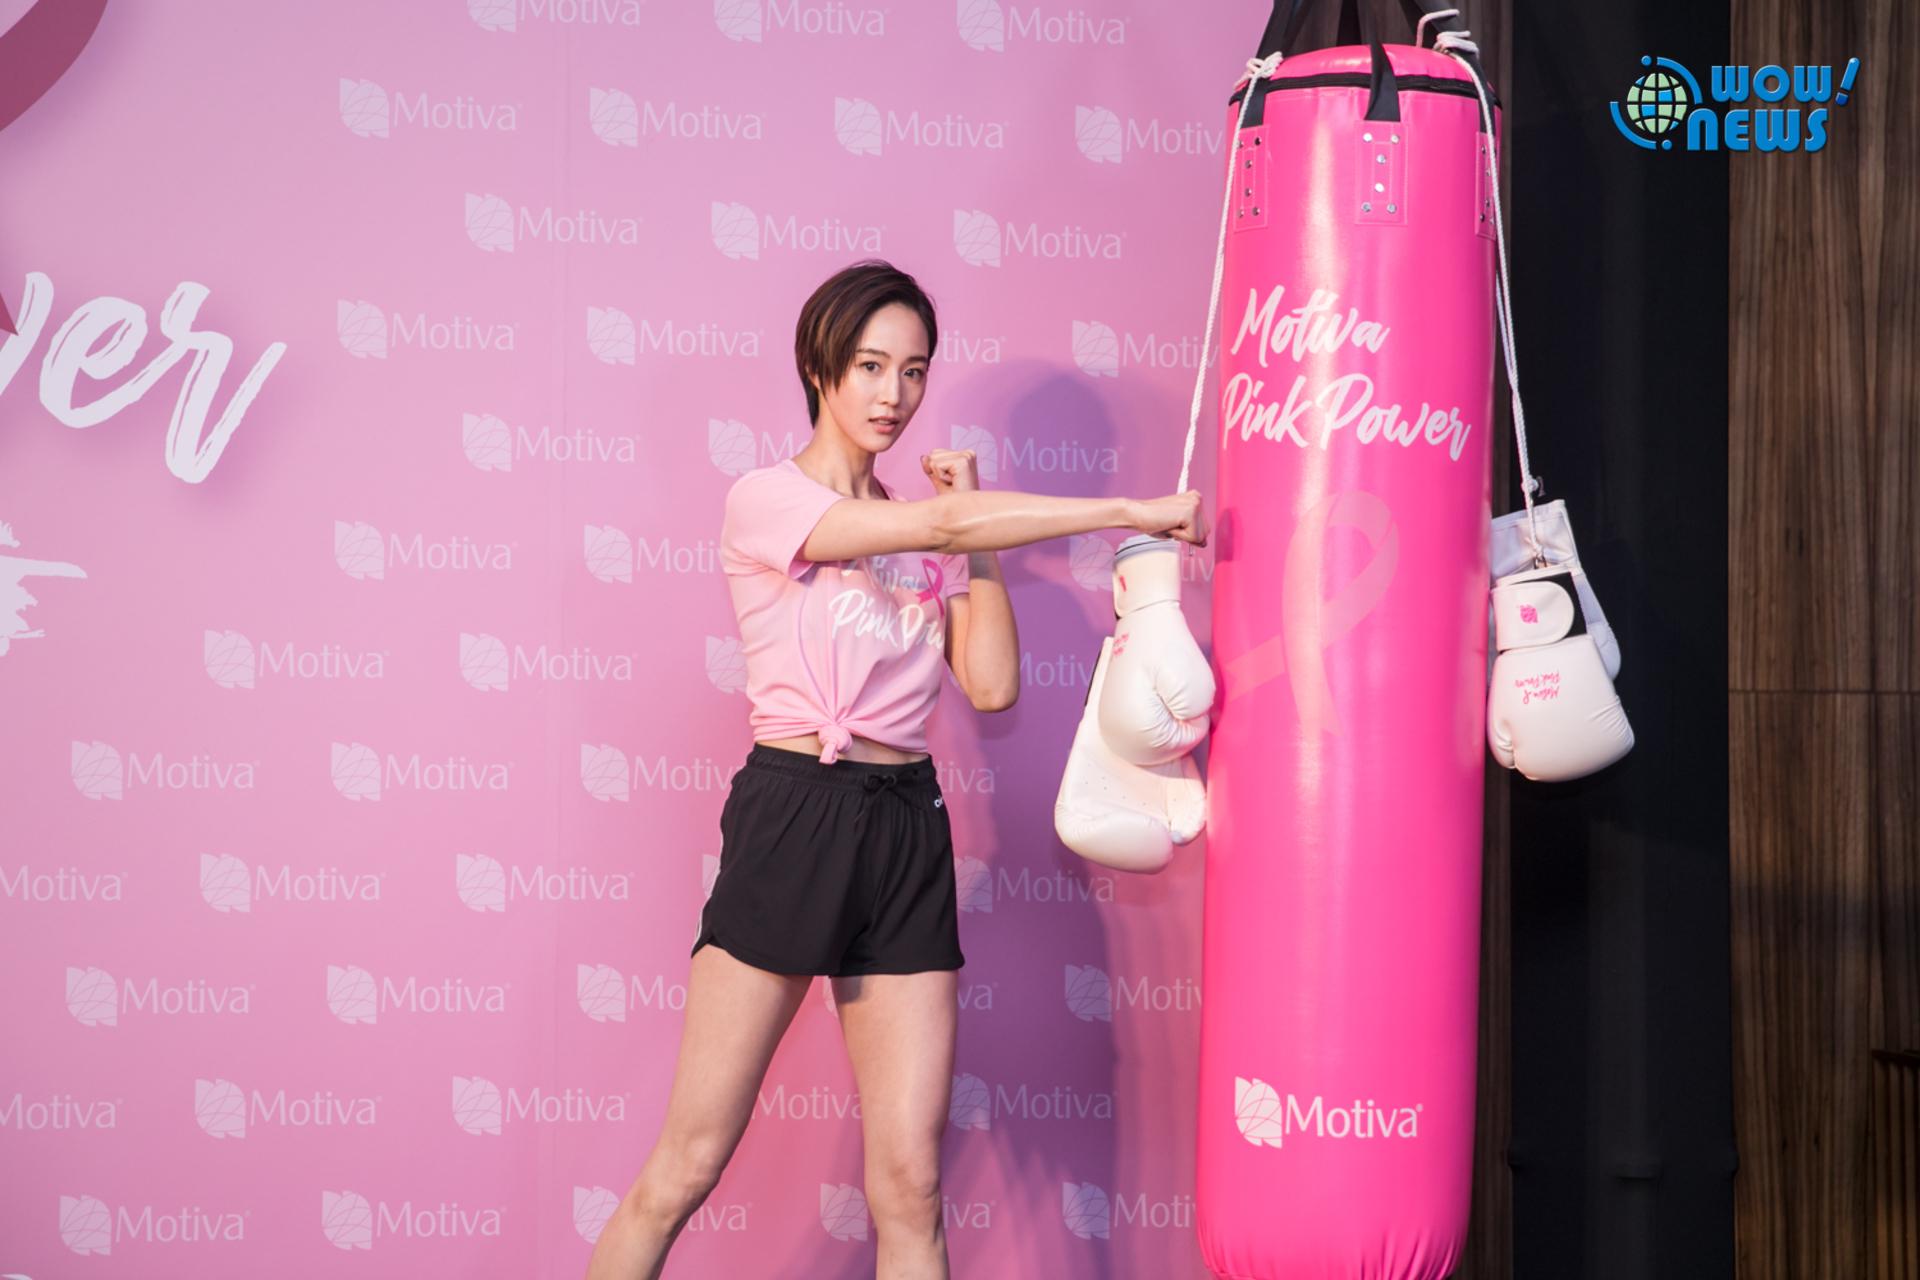 圖說:藝人張鈞甯擔任Motiva Pink Power®公益大使Fighting乳癌防治 2.jpg